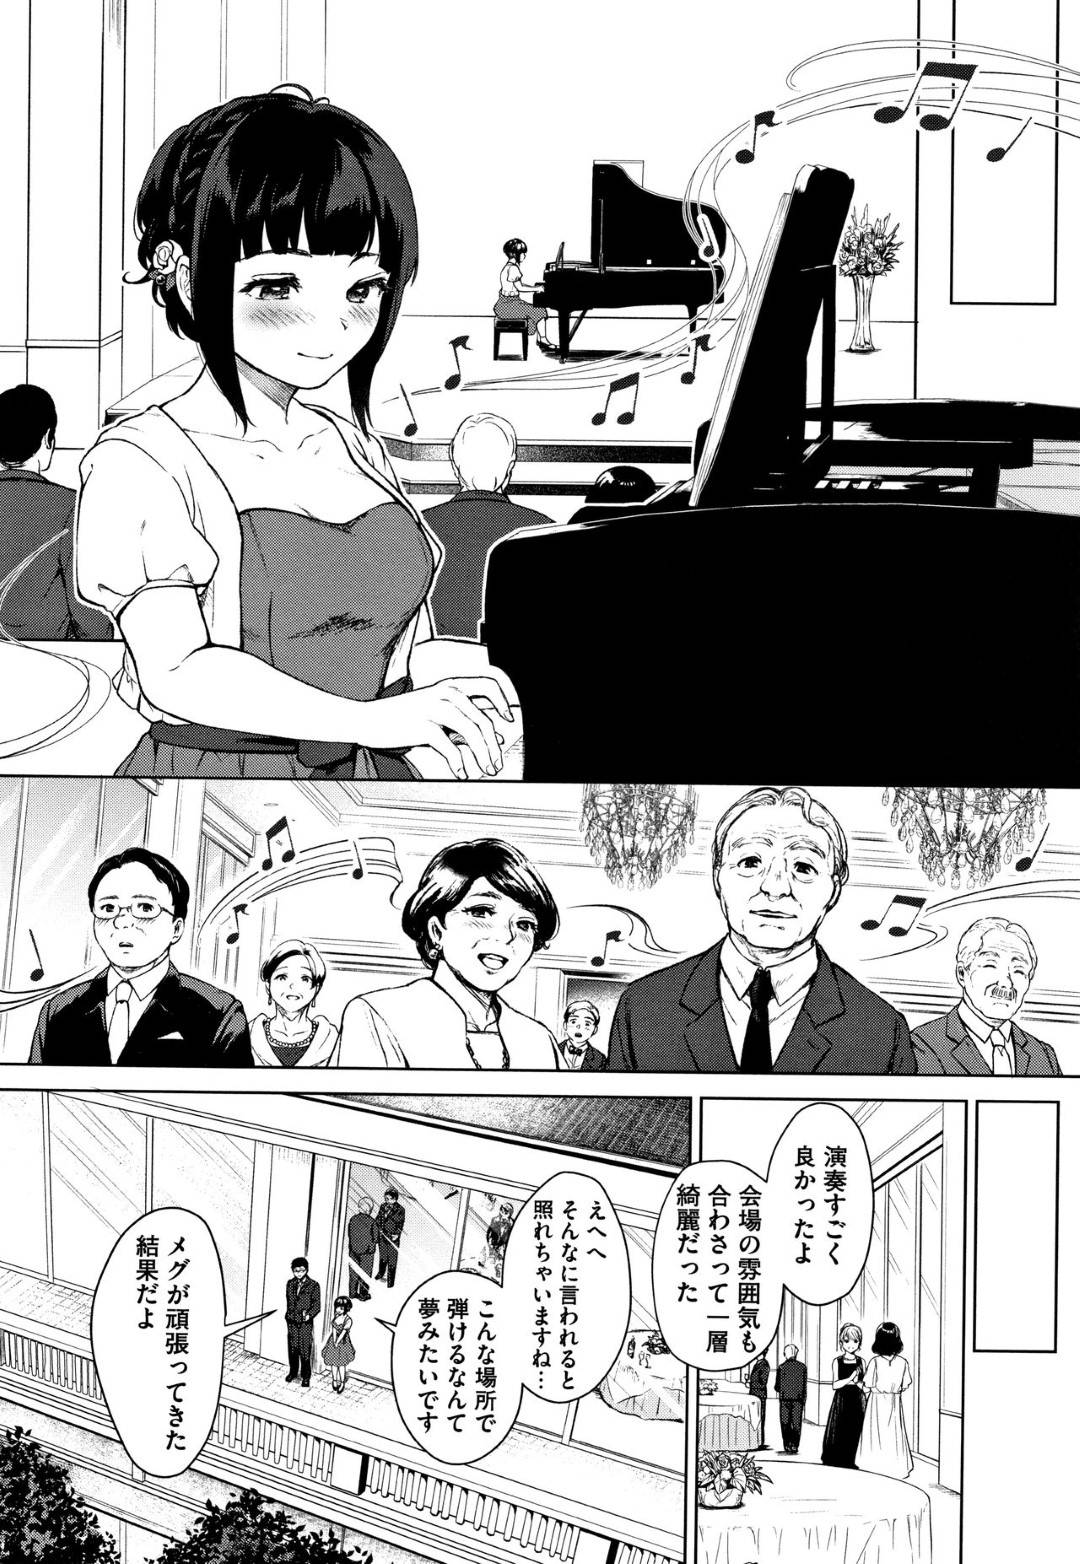 【エロ漫画】SNSで知り合った男性をピアノの発表会に招待した少女…演奏後に帰ろうとする男性を引き留め自らチンポをおねだり!ホテルで思いっきりセックスをして快感に酔いしれる少女!【宮部キウイ】